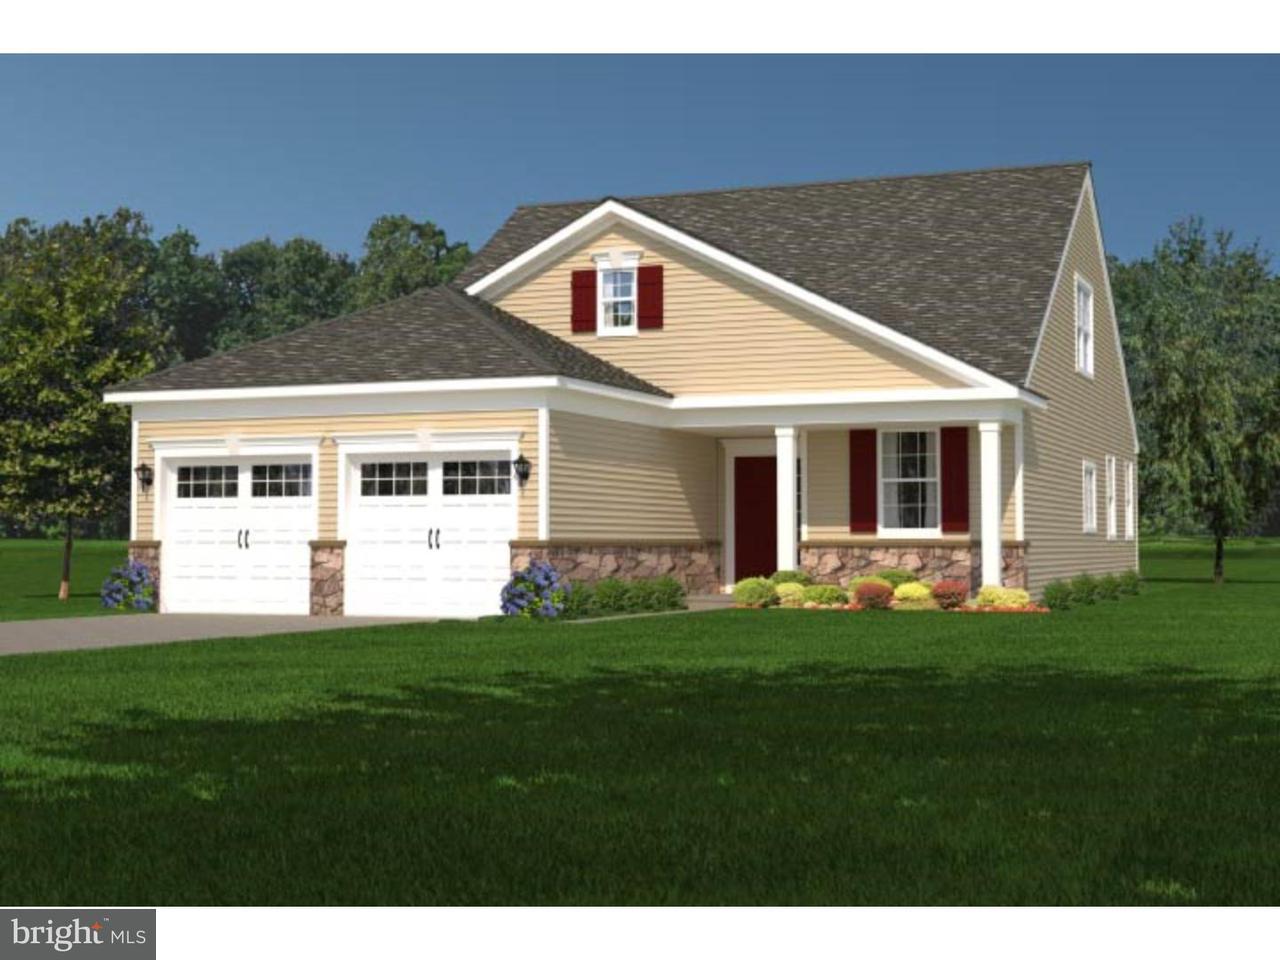 独户住宅 为 销售 在 D CASTLEBAY Drive Williamstown, 新泽西州 08094 美国